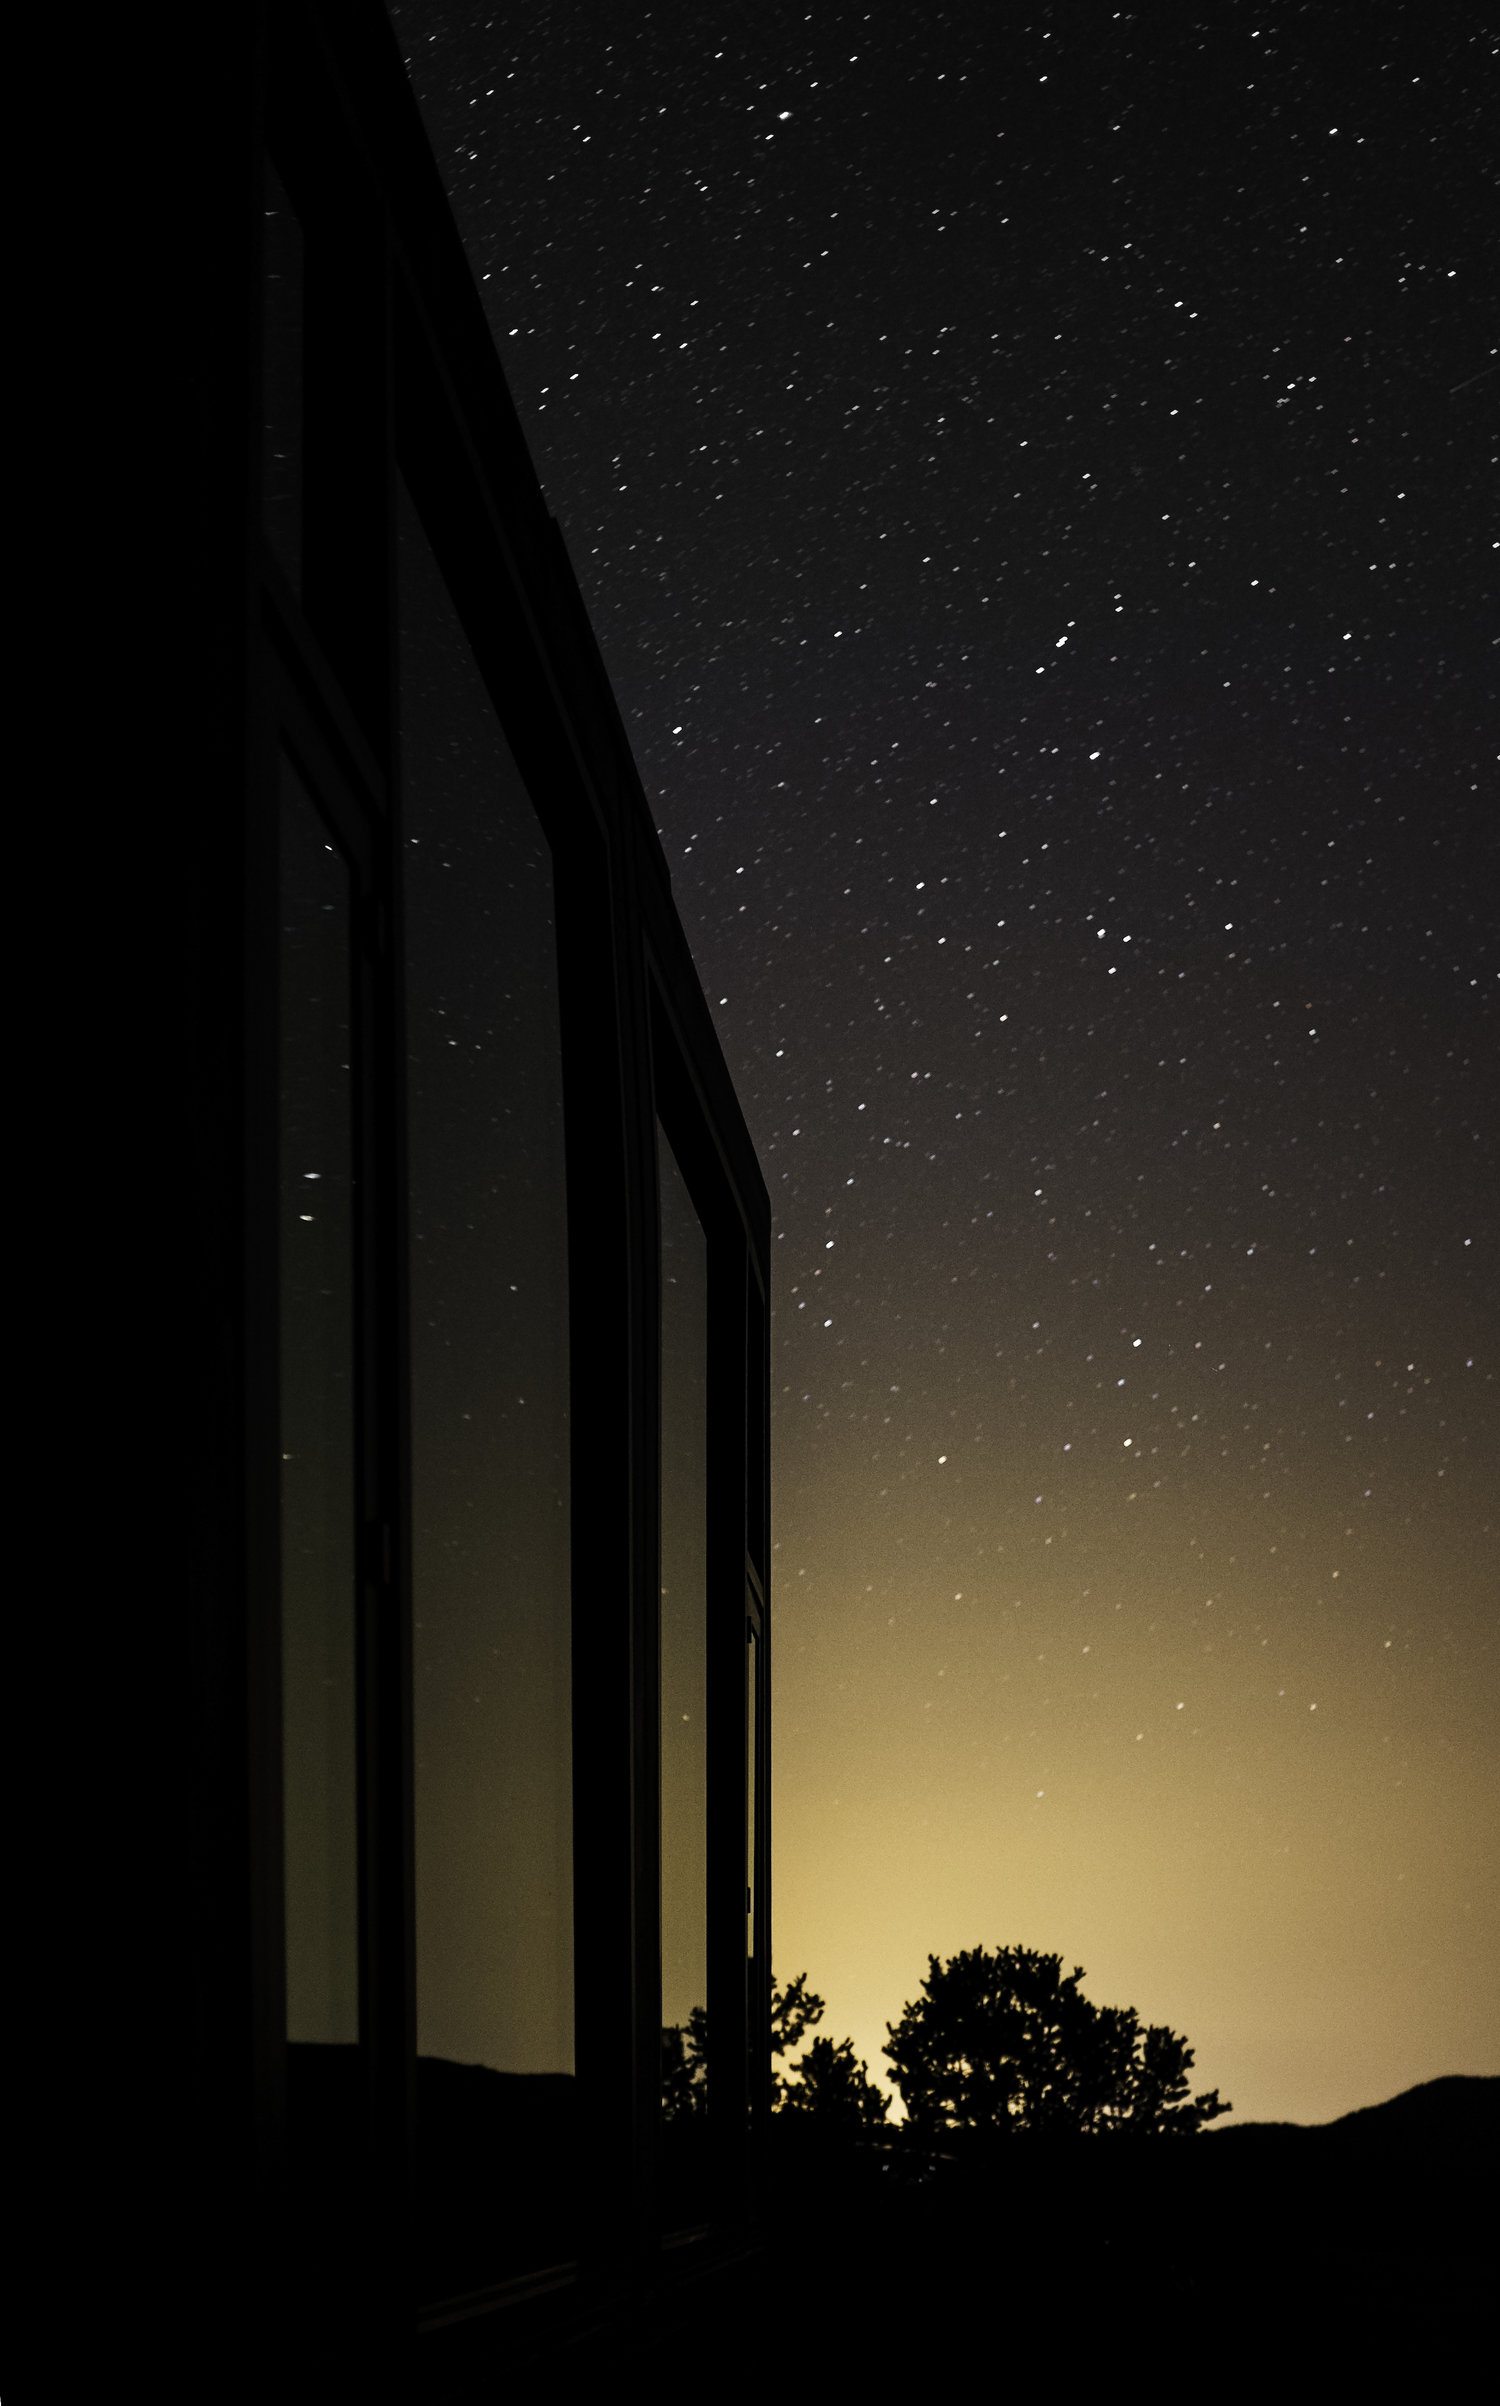 nightGlowReflection.jpg